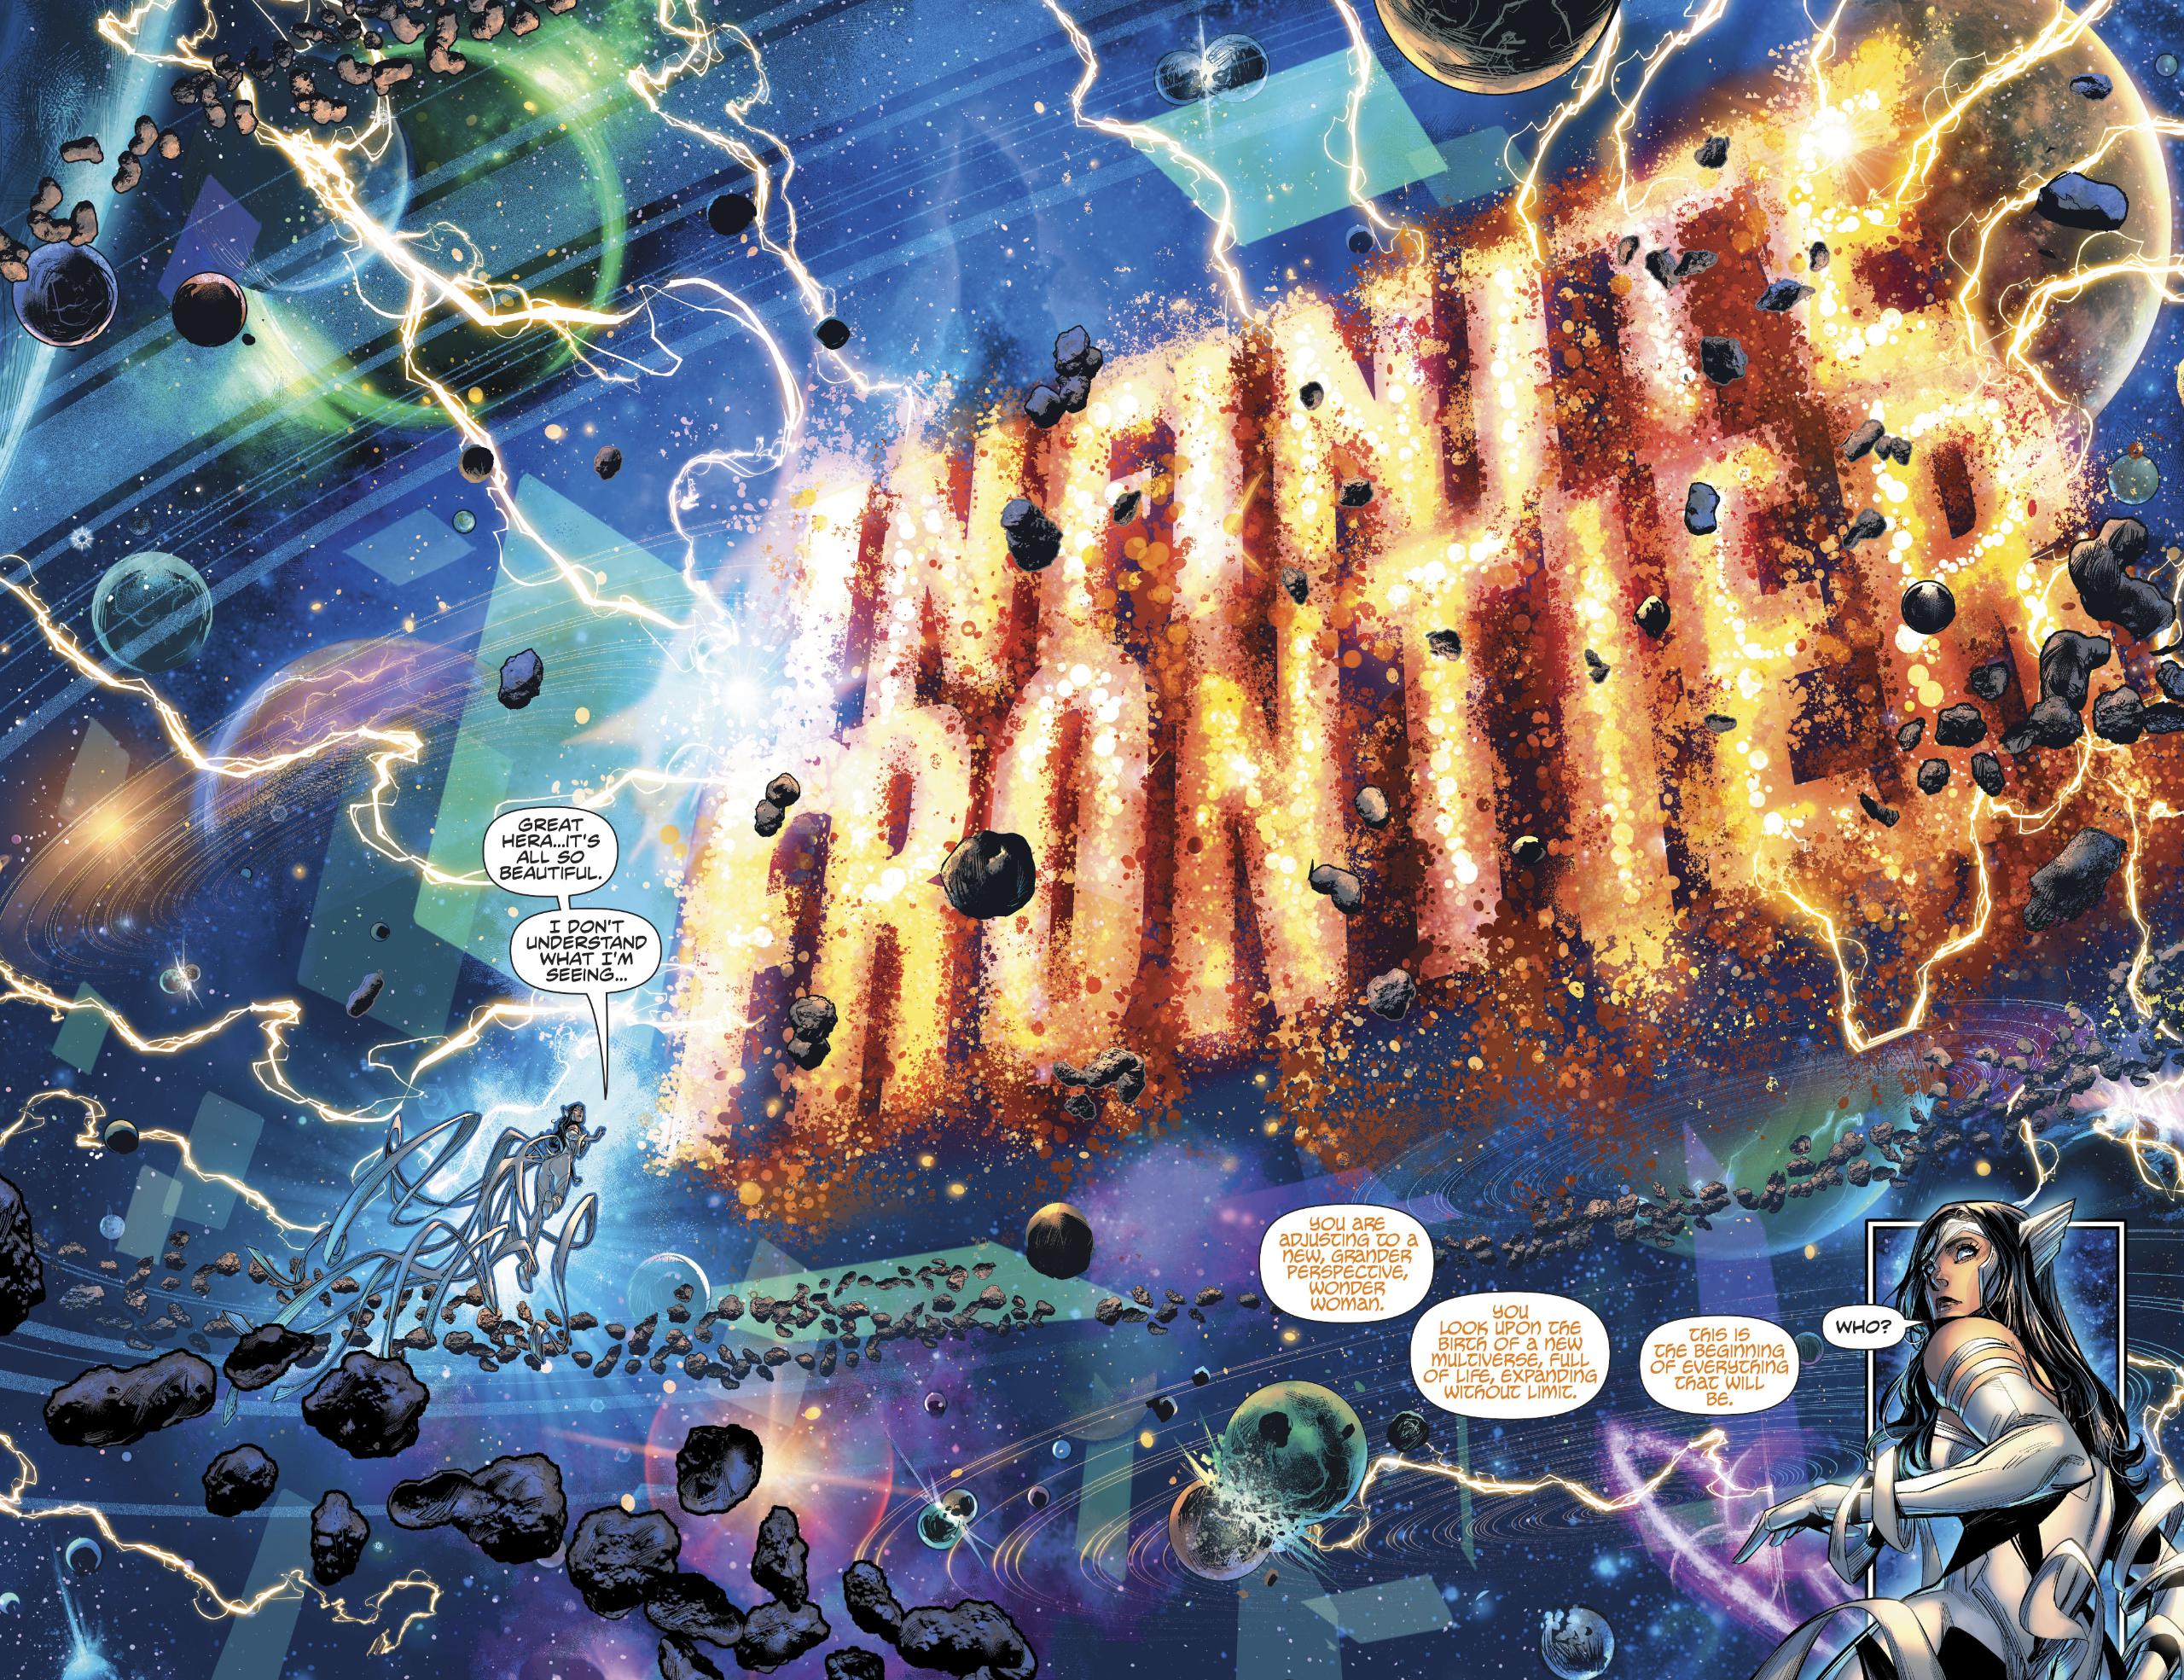 Vista previa de Infinite Frontier # 0